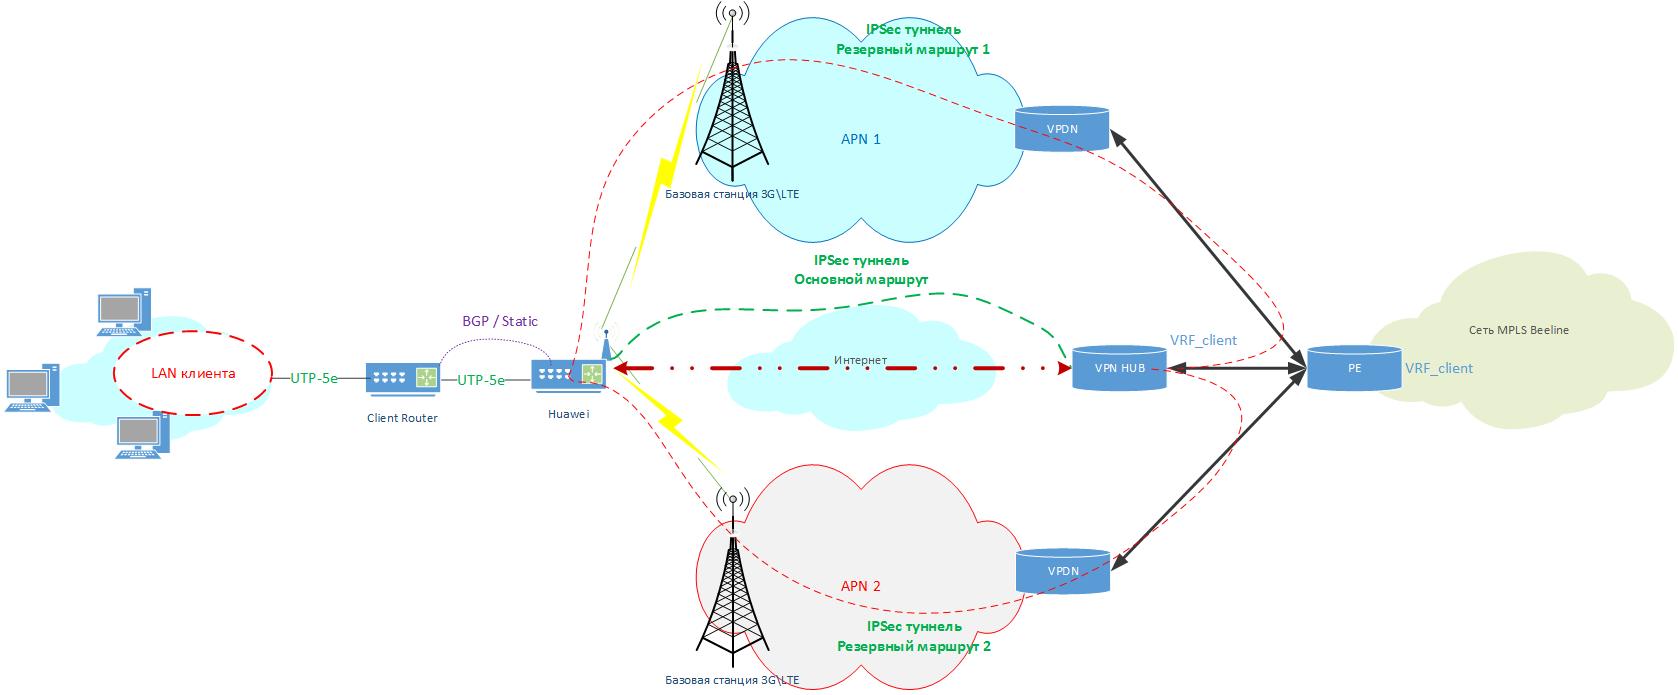 Как попасть в IPVPN Билайн через IPSec. Часть 2 - 2